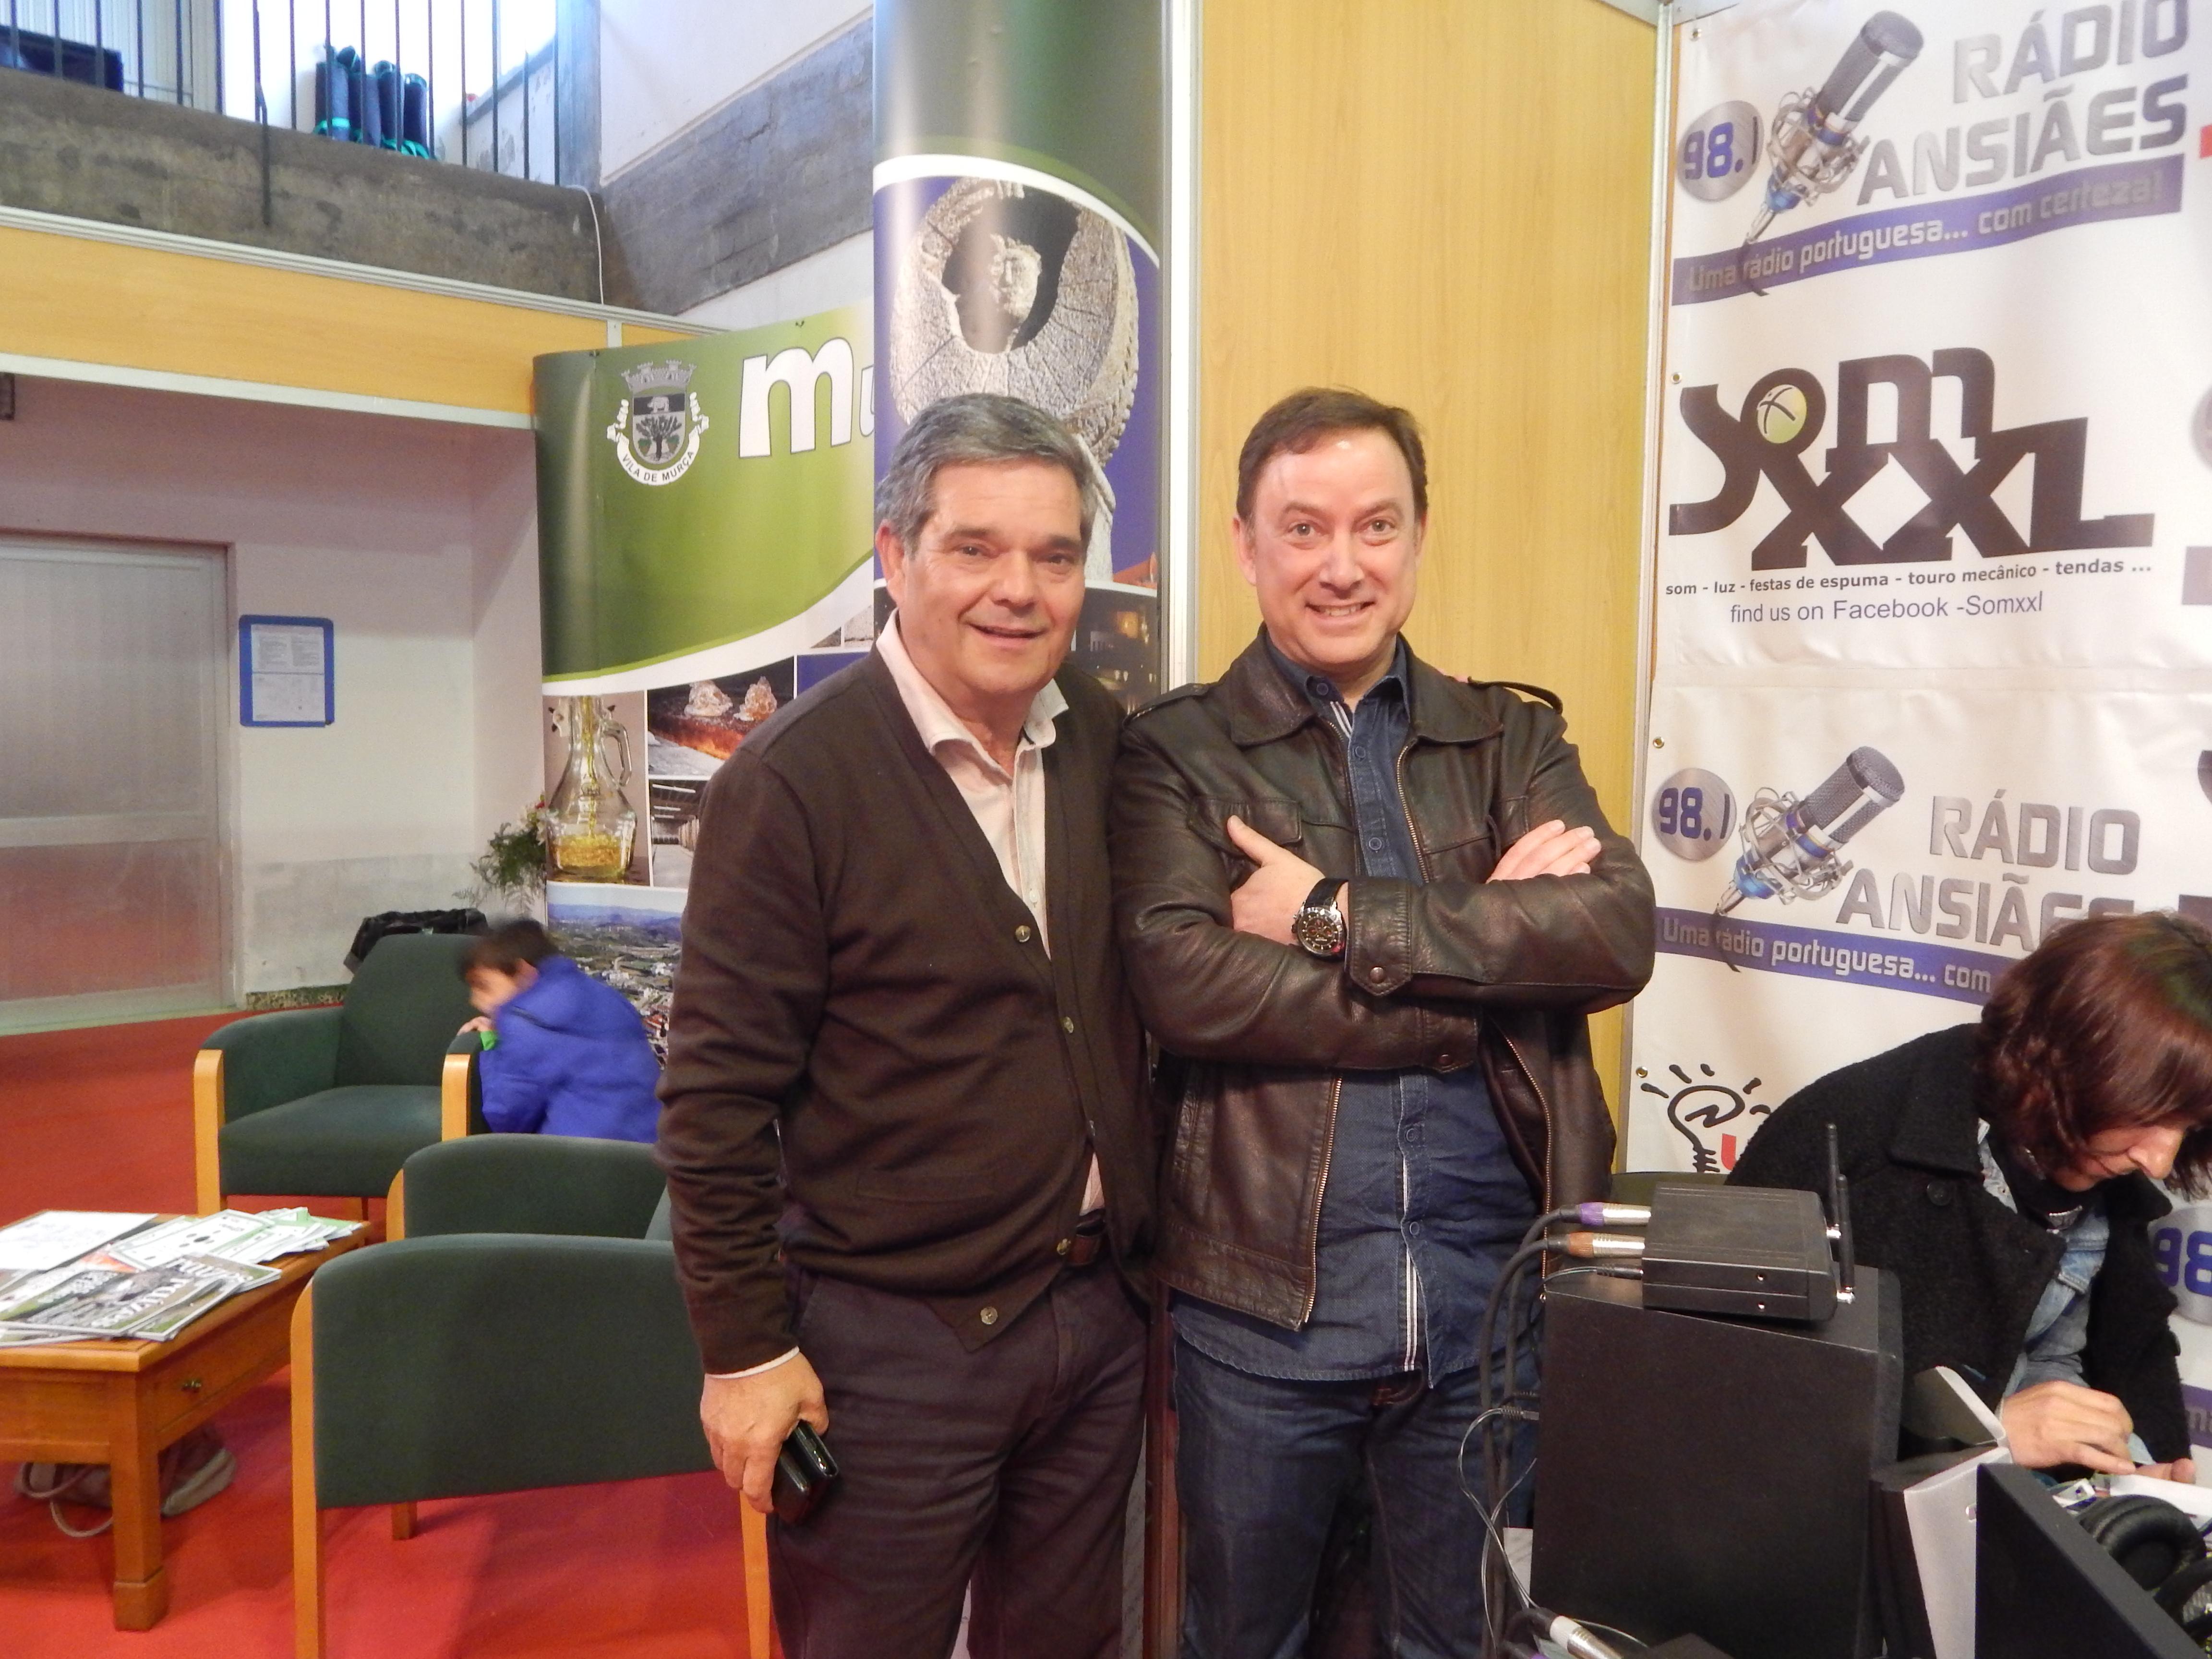 Rádio Ansiães. Excelente cobertura radiofónica minuto a minuto y con protagonistas como el Vice-Presidente de la Cámara Municipal de Murça